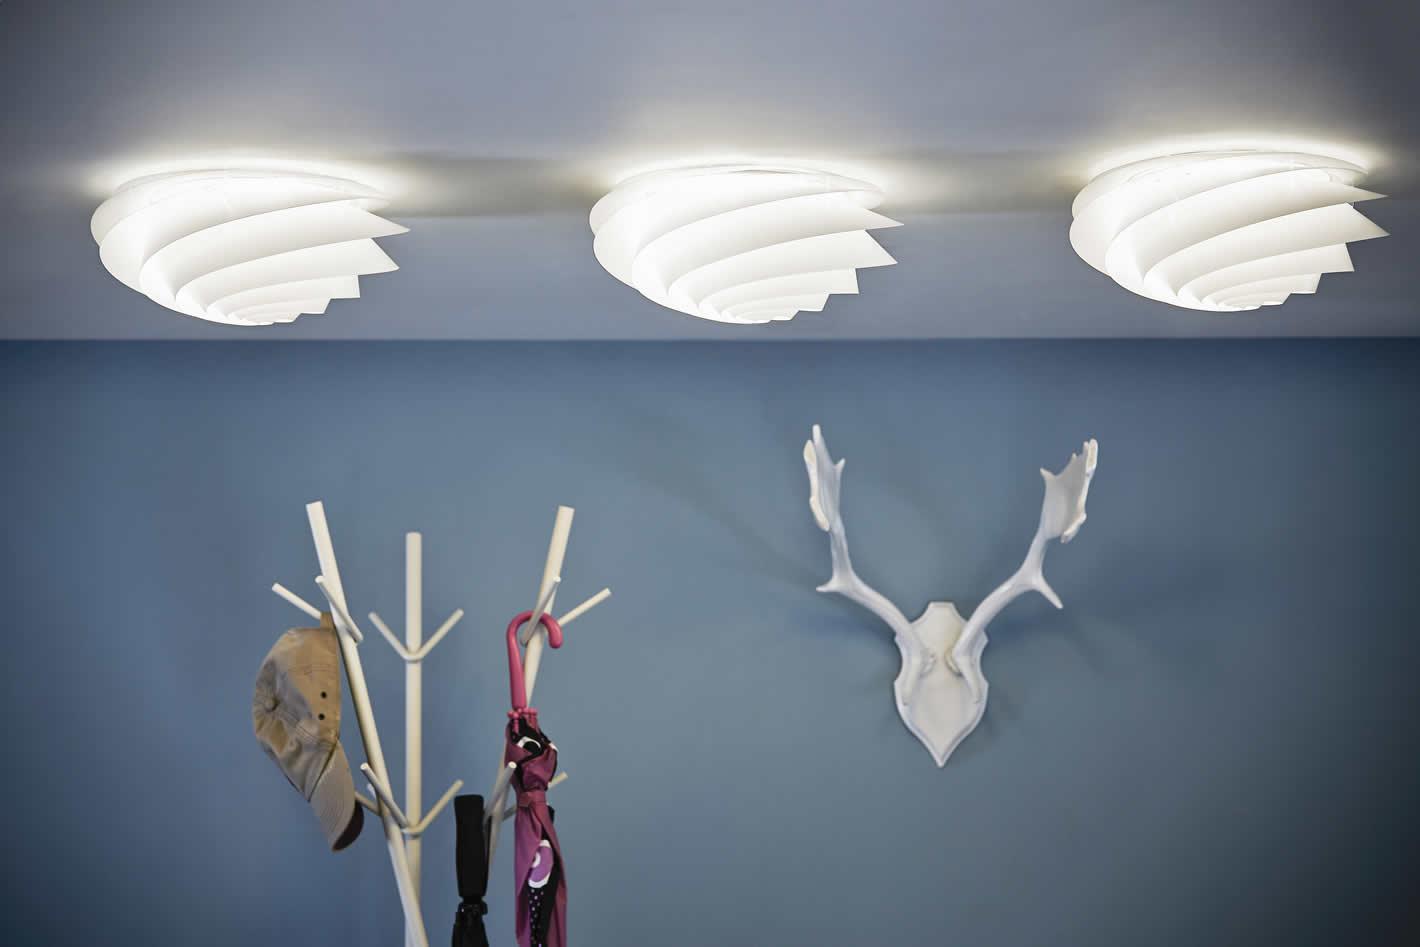 Strakke plafondlampen in een hedendaags interieur